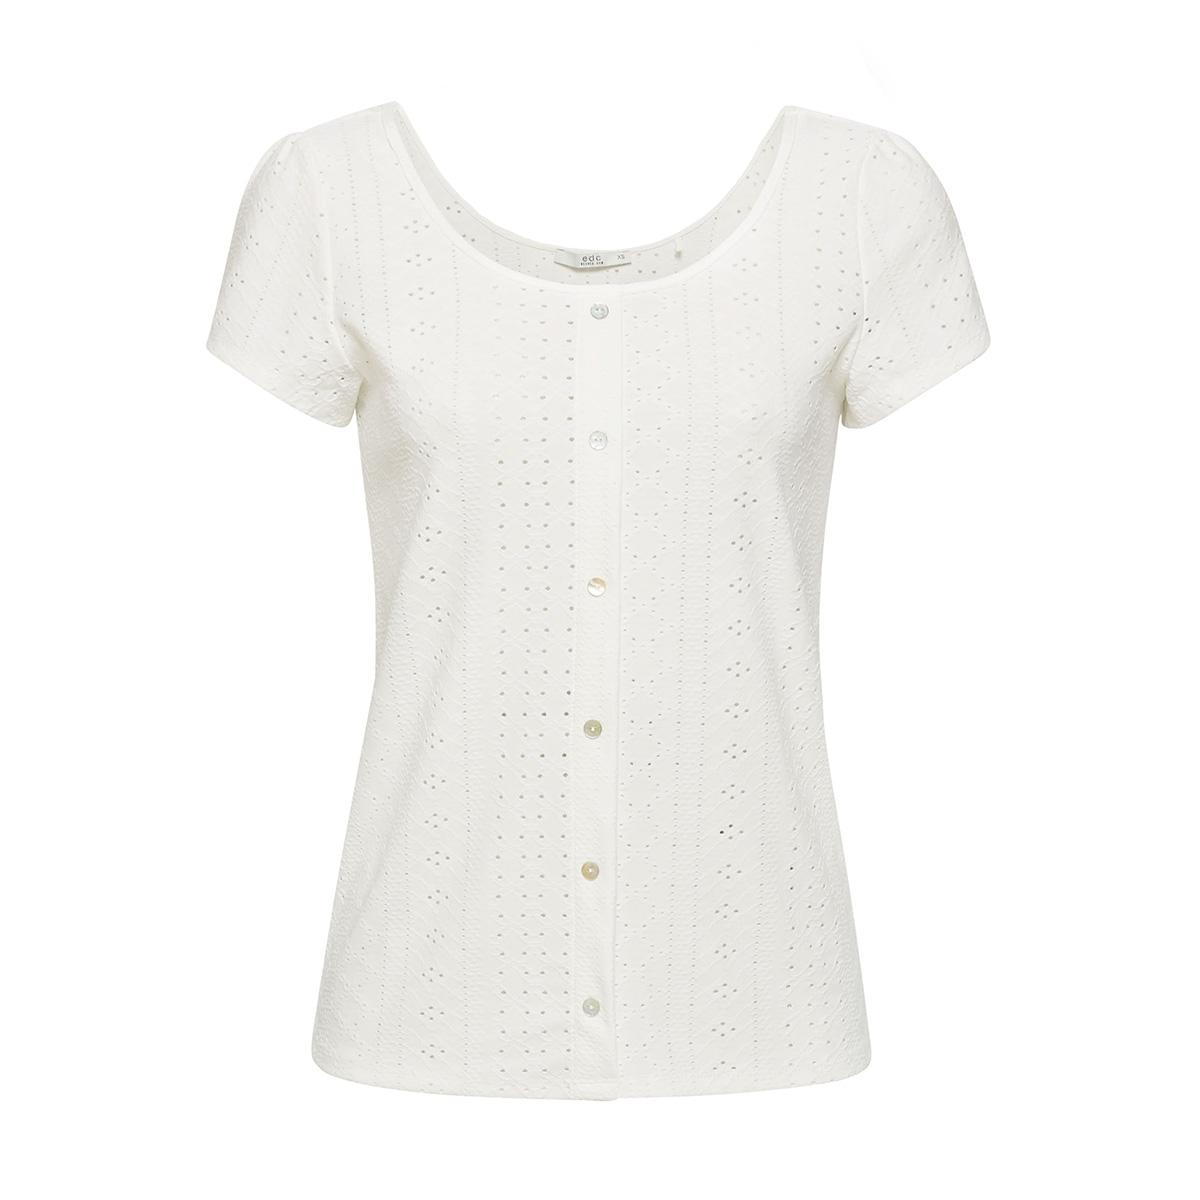 shirt met opengewerkt motief 059cc1k005 edc t-shirt c110